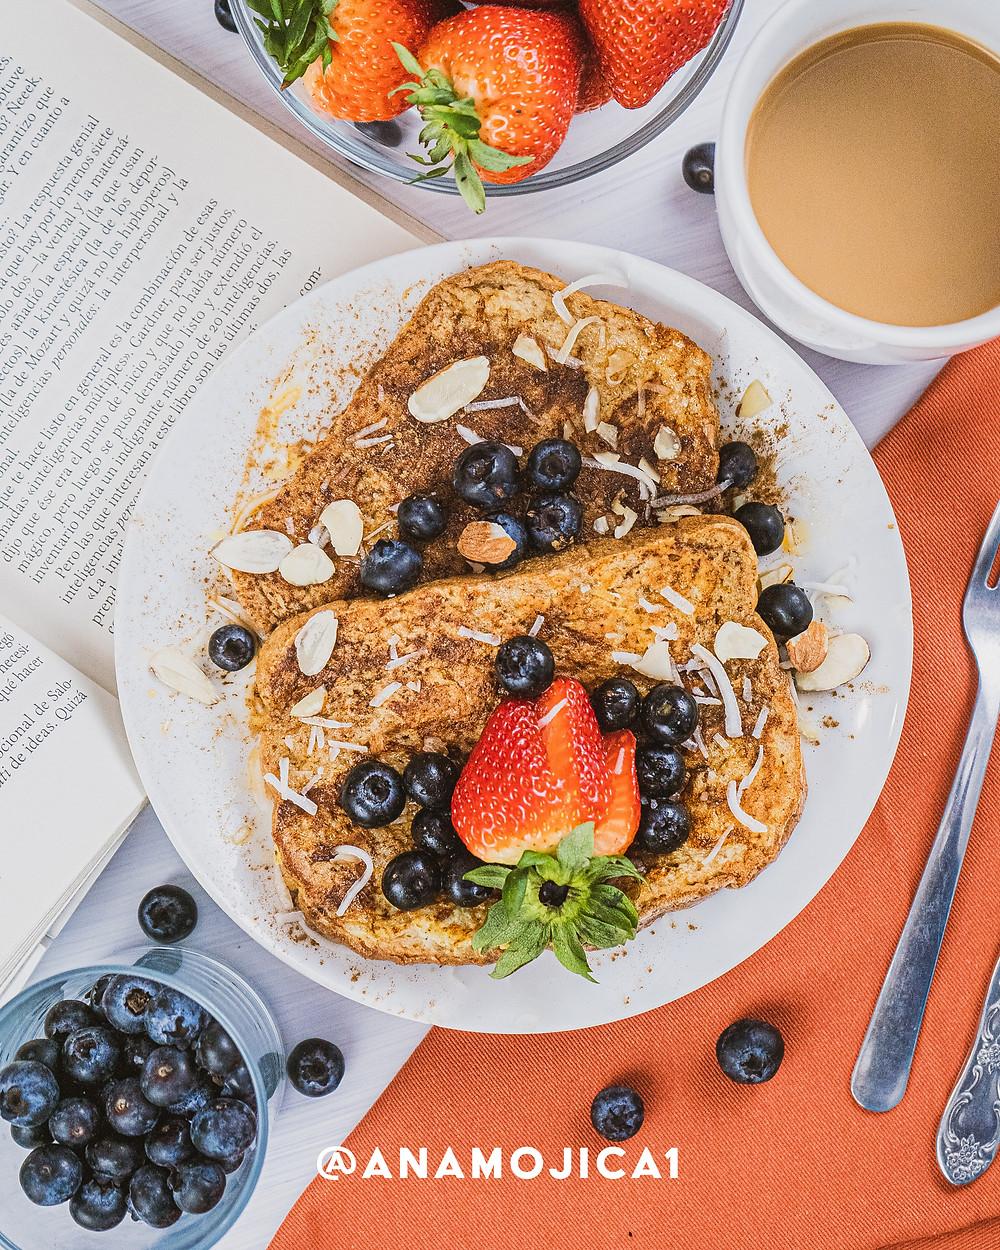 idea de platillo comida desayuno saludable pan francés delicioso y nutritivo